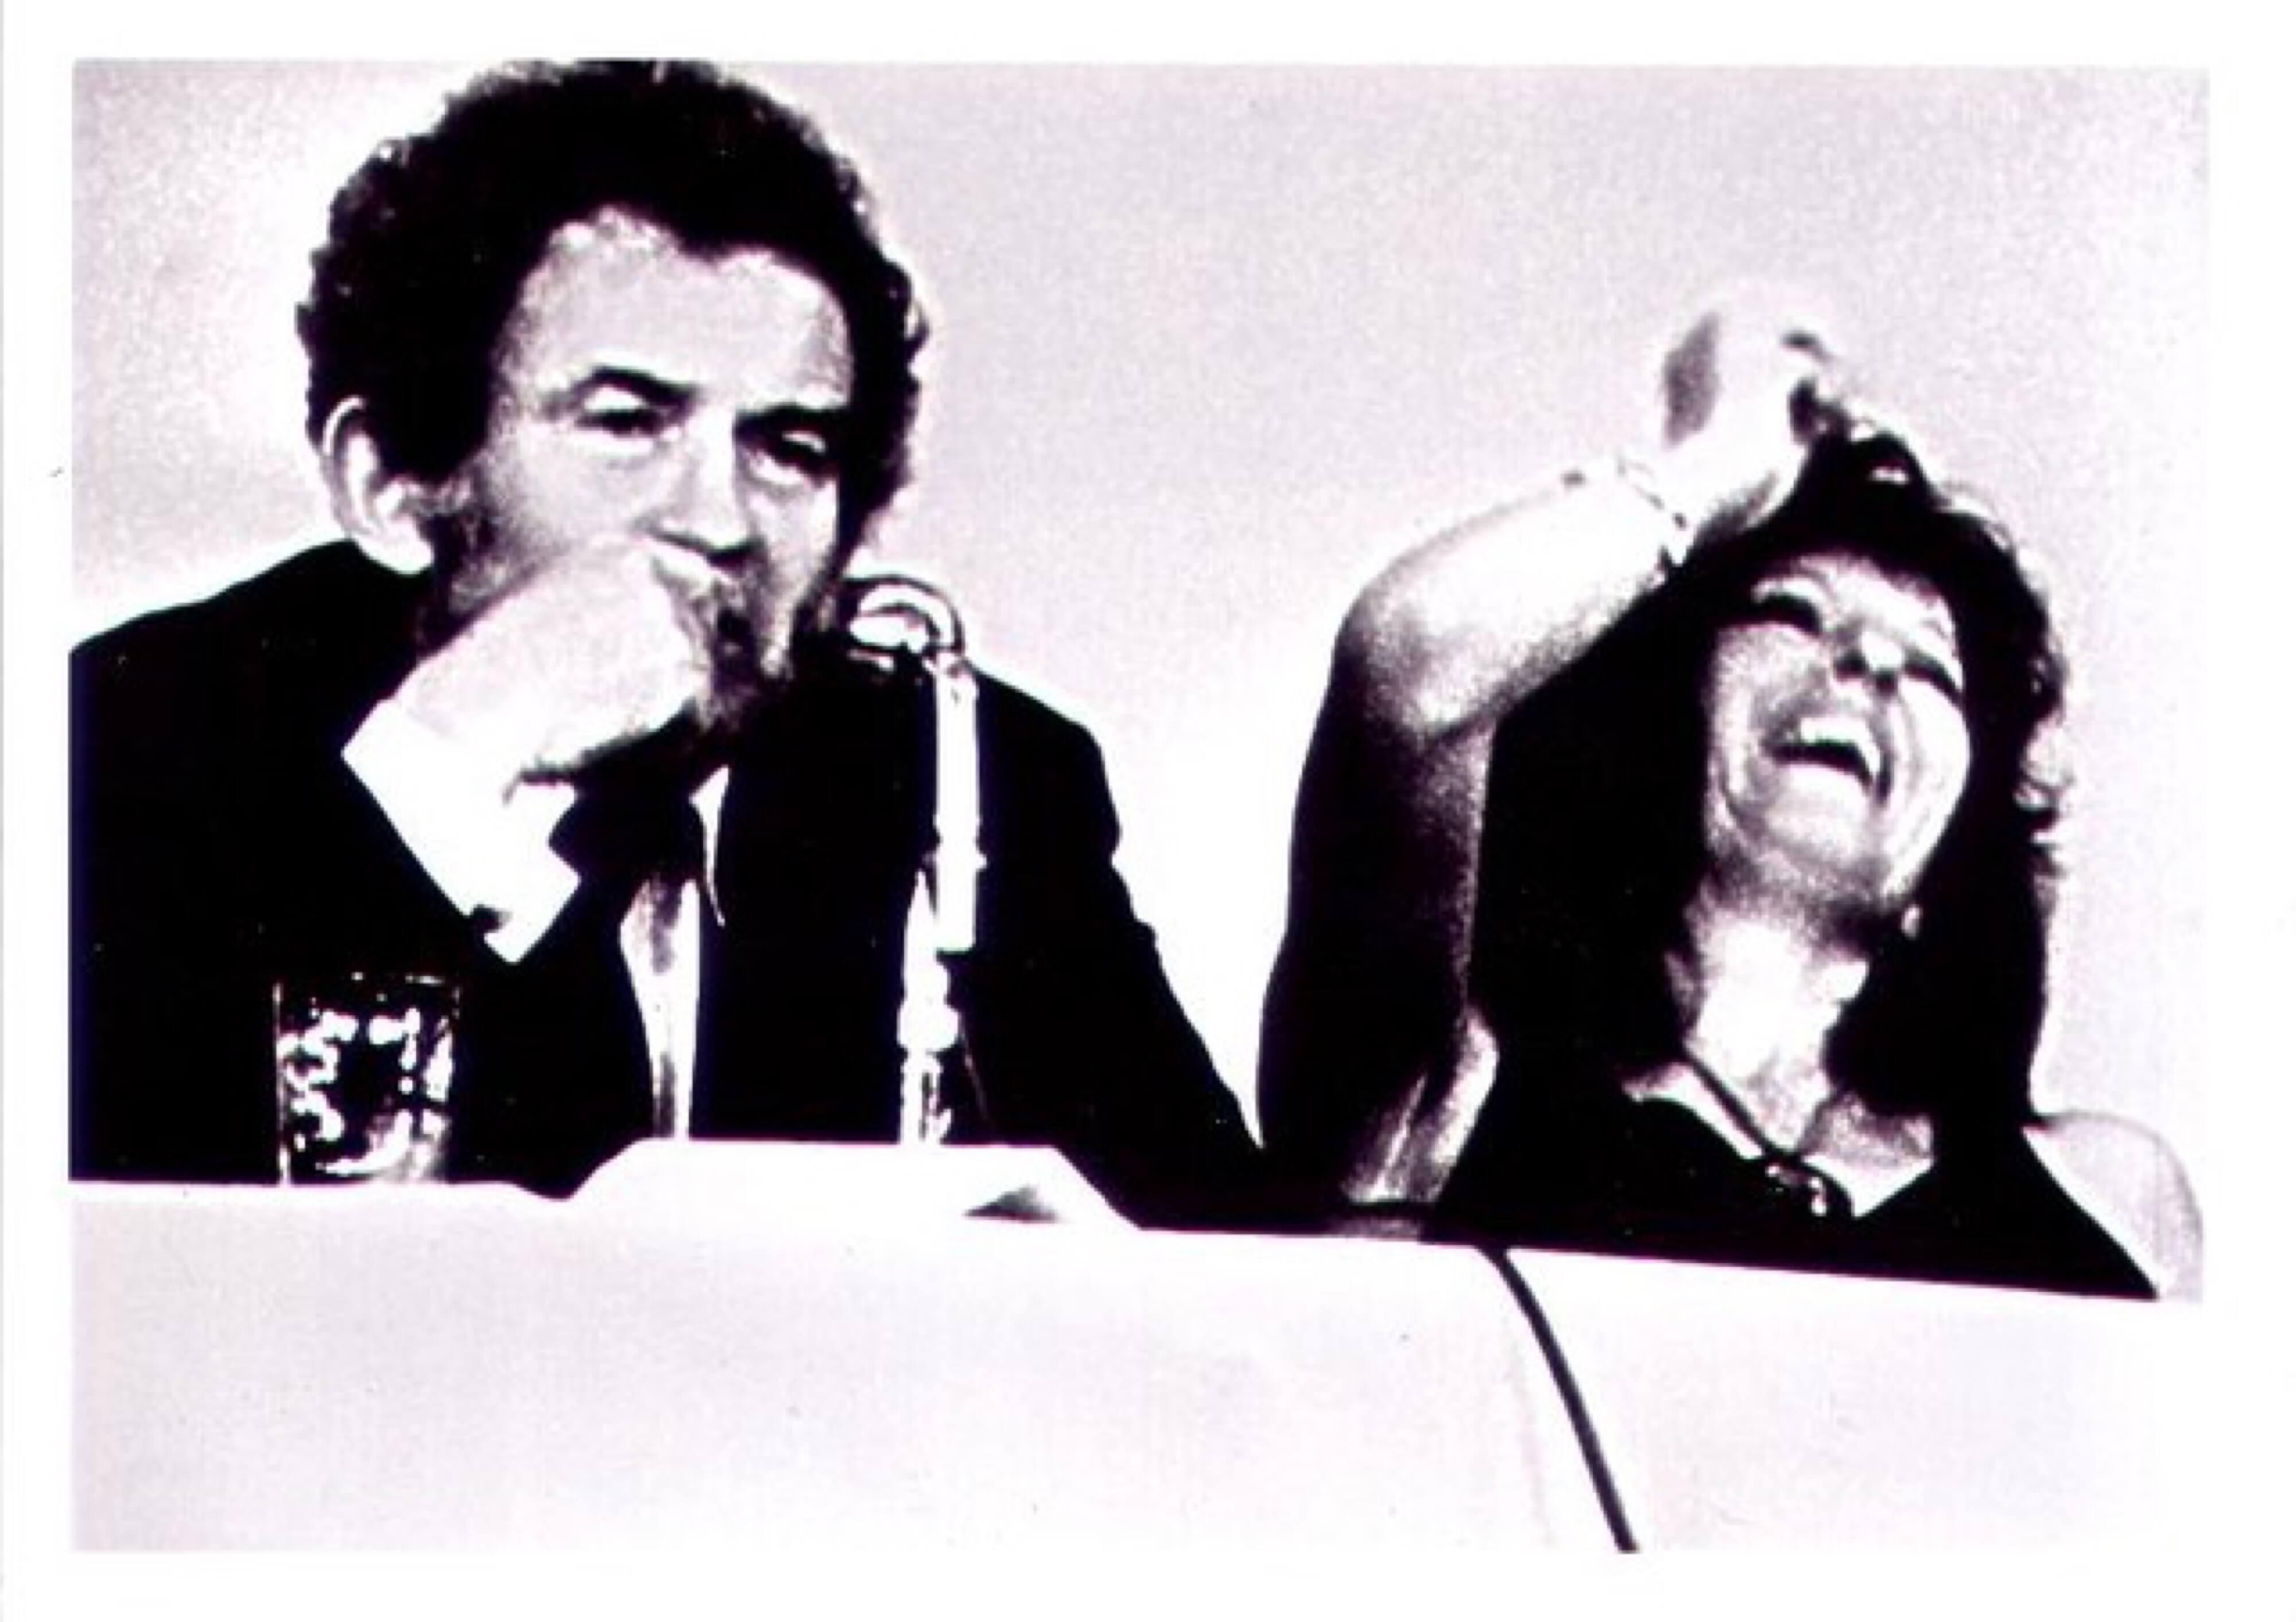 Filmstill in schwarz-weiß: Town Bloody Hell, 1979, Mann und Frau rauchen und lachen